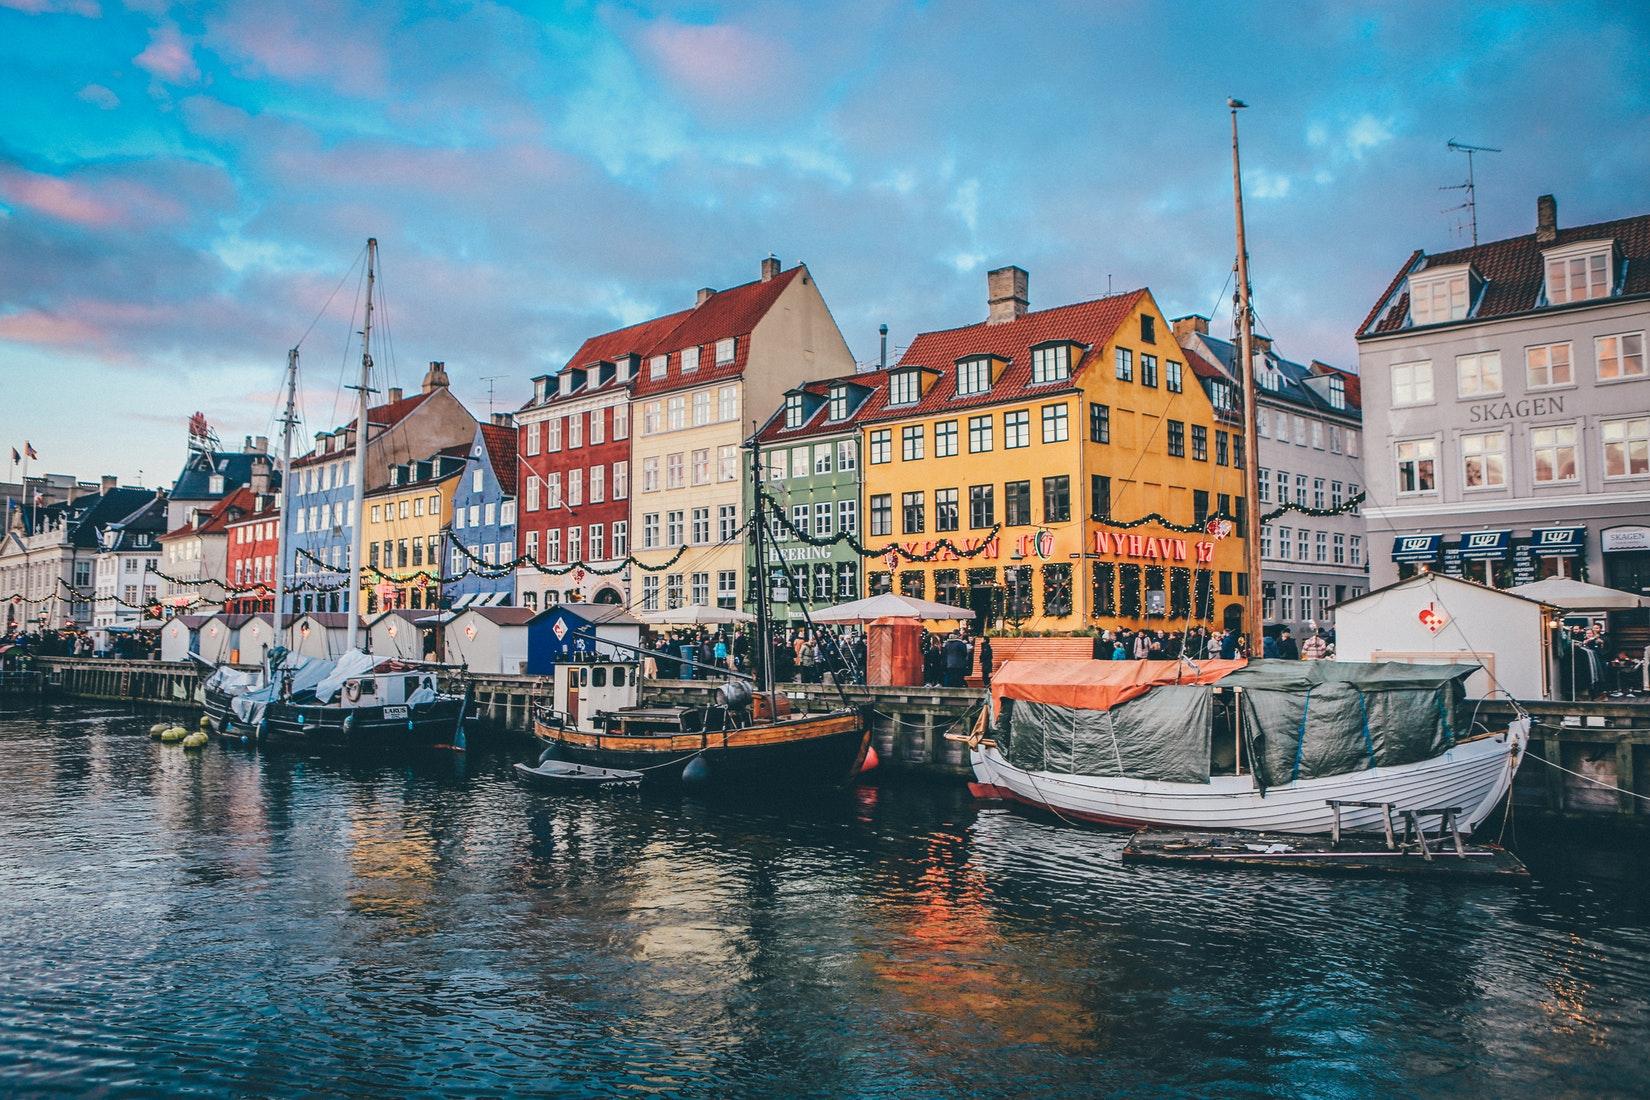 Hafen in Copenhagen mit Schiffen